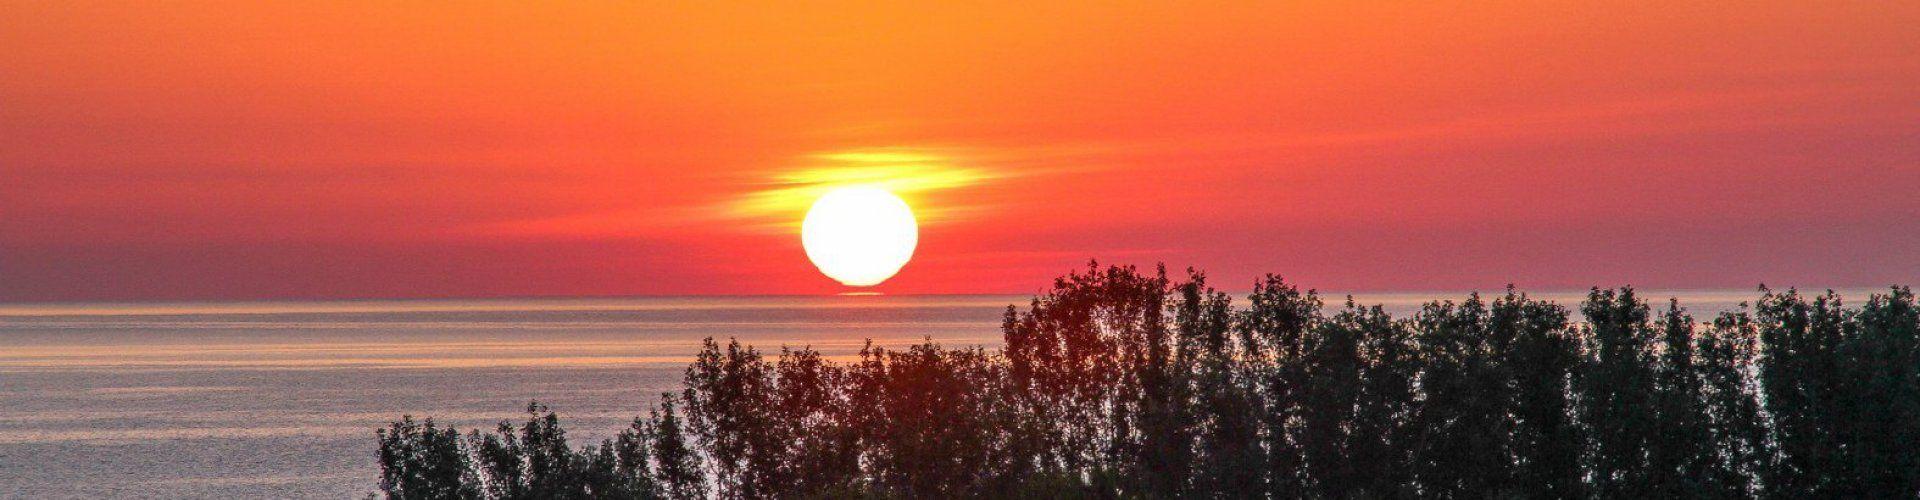 Sun rising seen from the tterrace